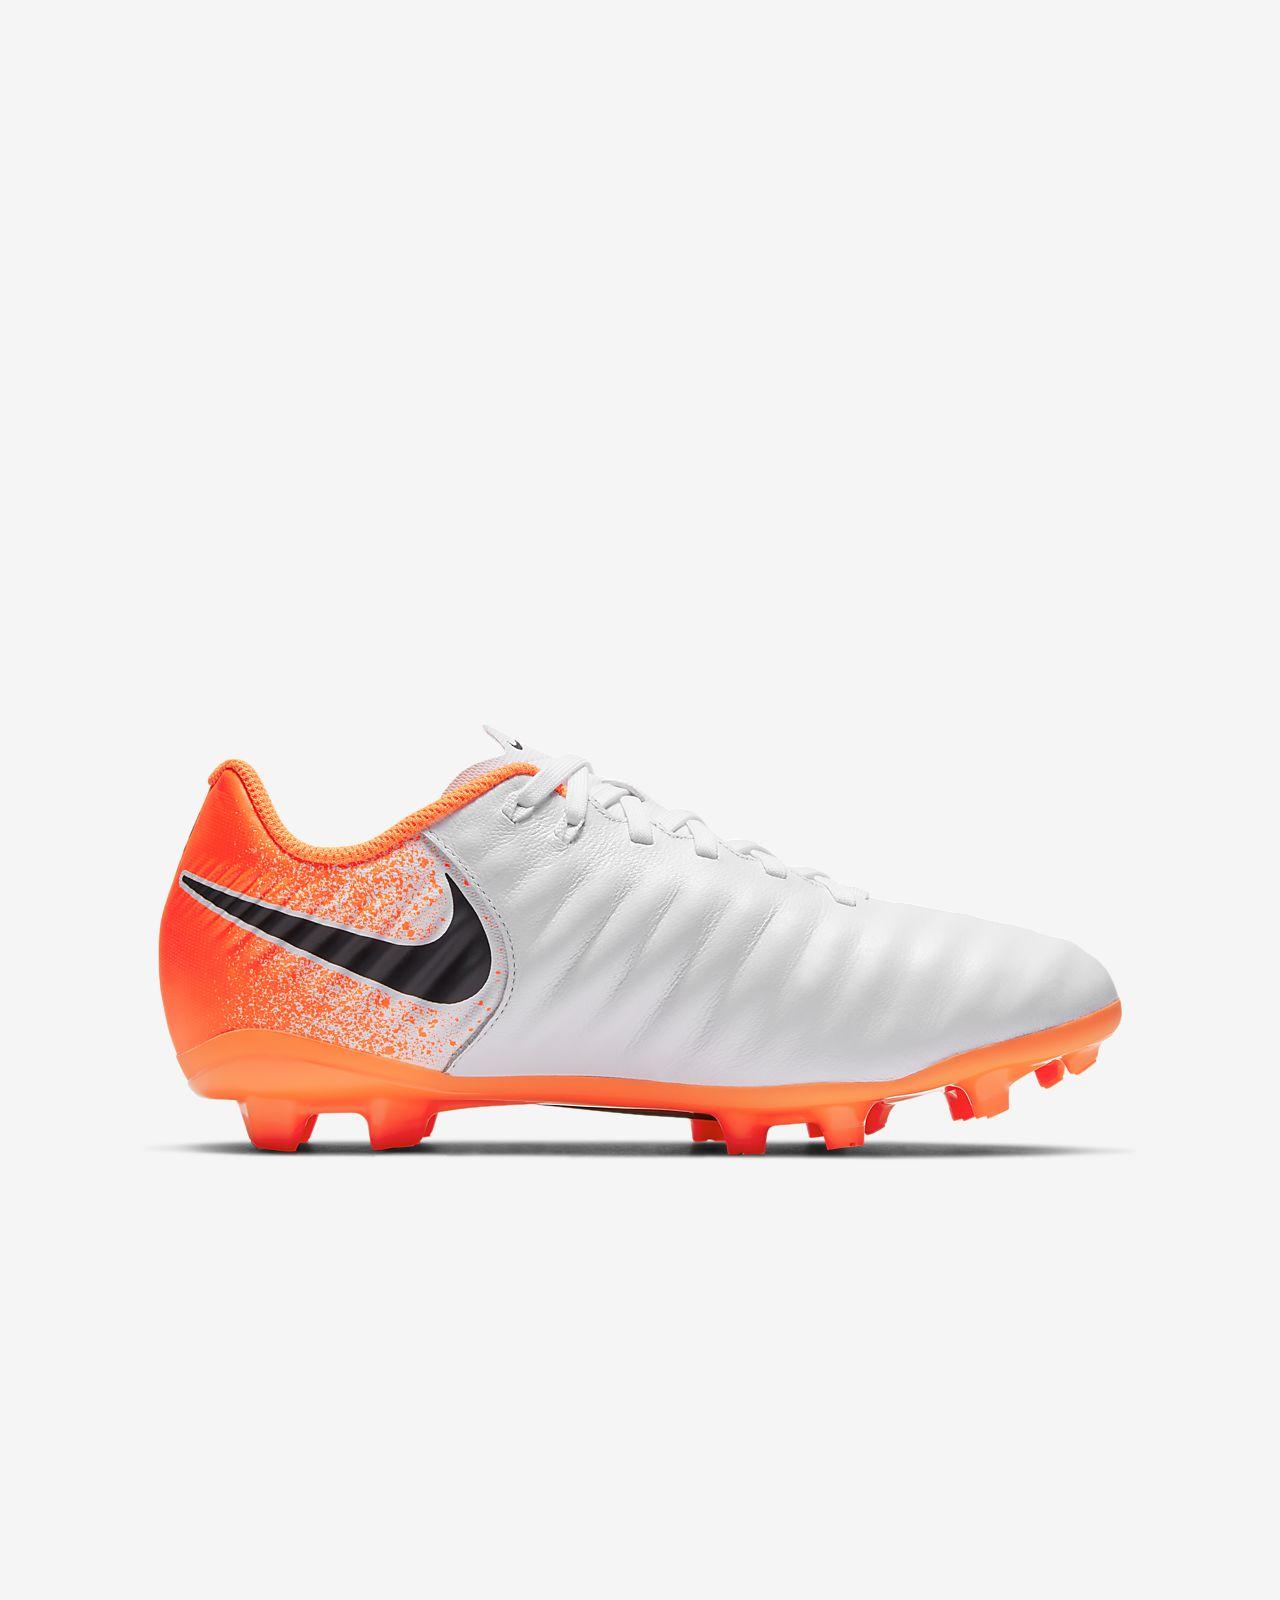 new arrivals ec8cc fce3b ... Fotbollssko för gräs Nike Jr. Legend 7 Academy FG för barn ungdom